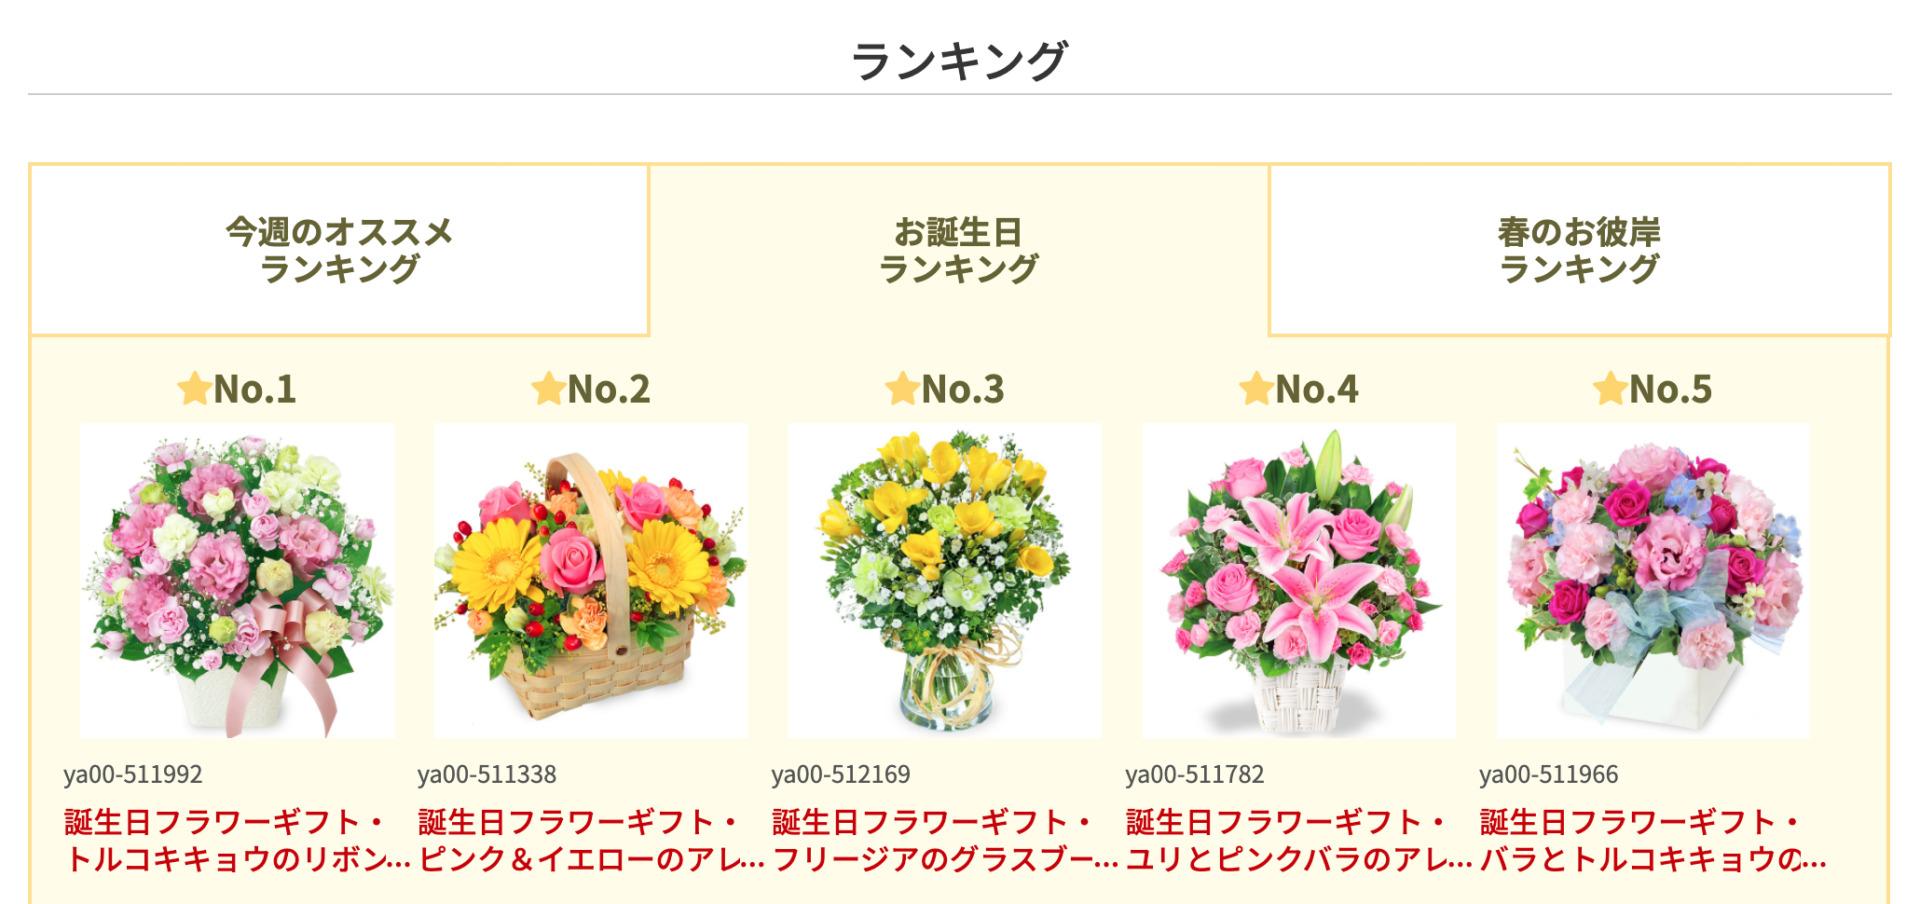 花のランキング図